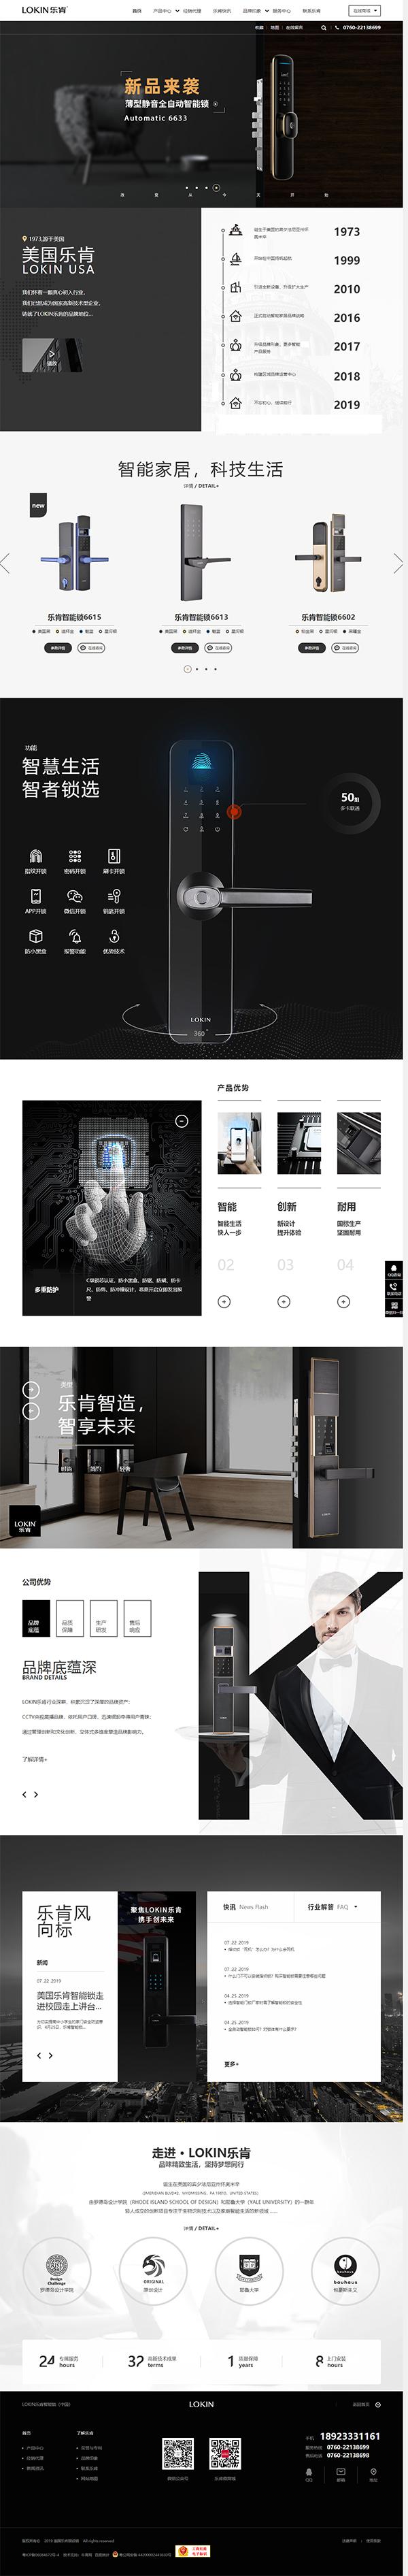 智能锁具龙8国际龙88型龙8国际官网首页